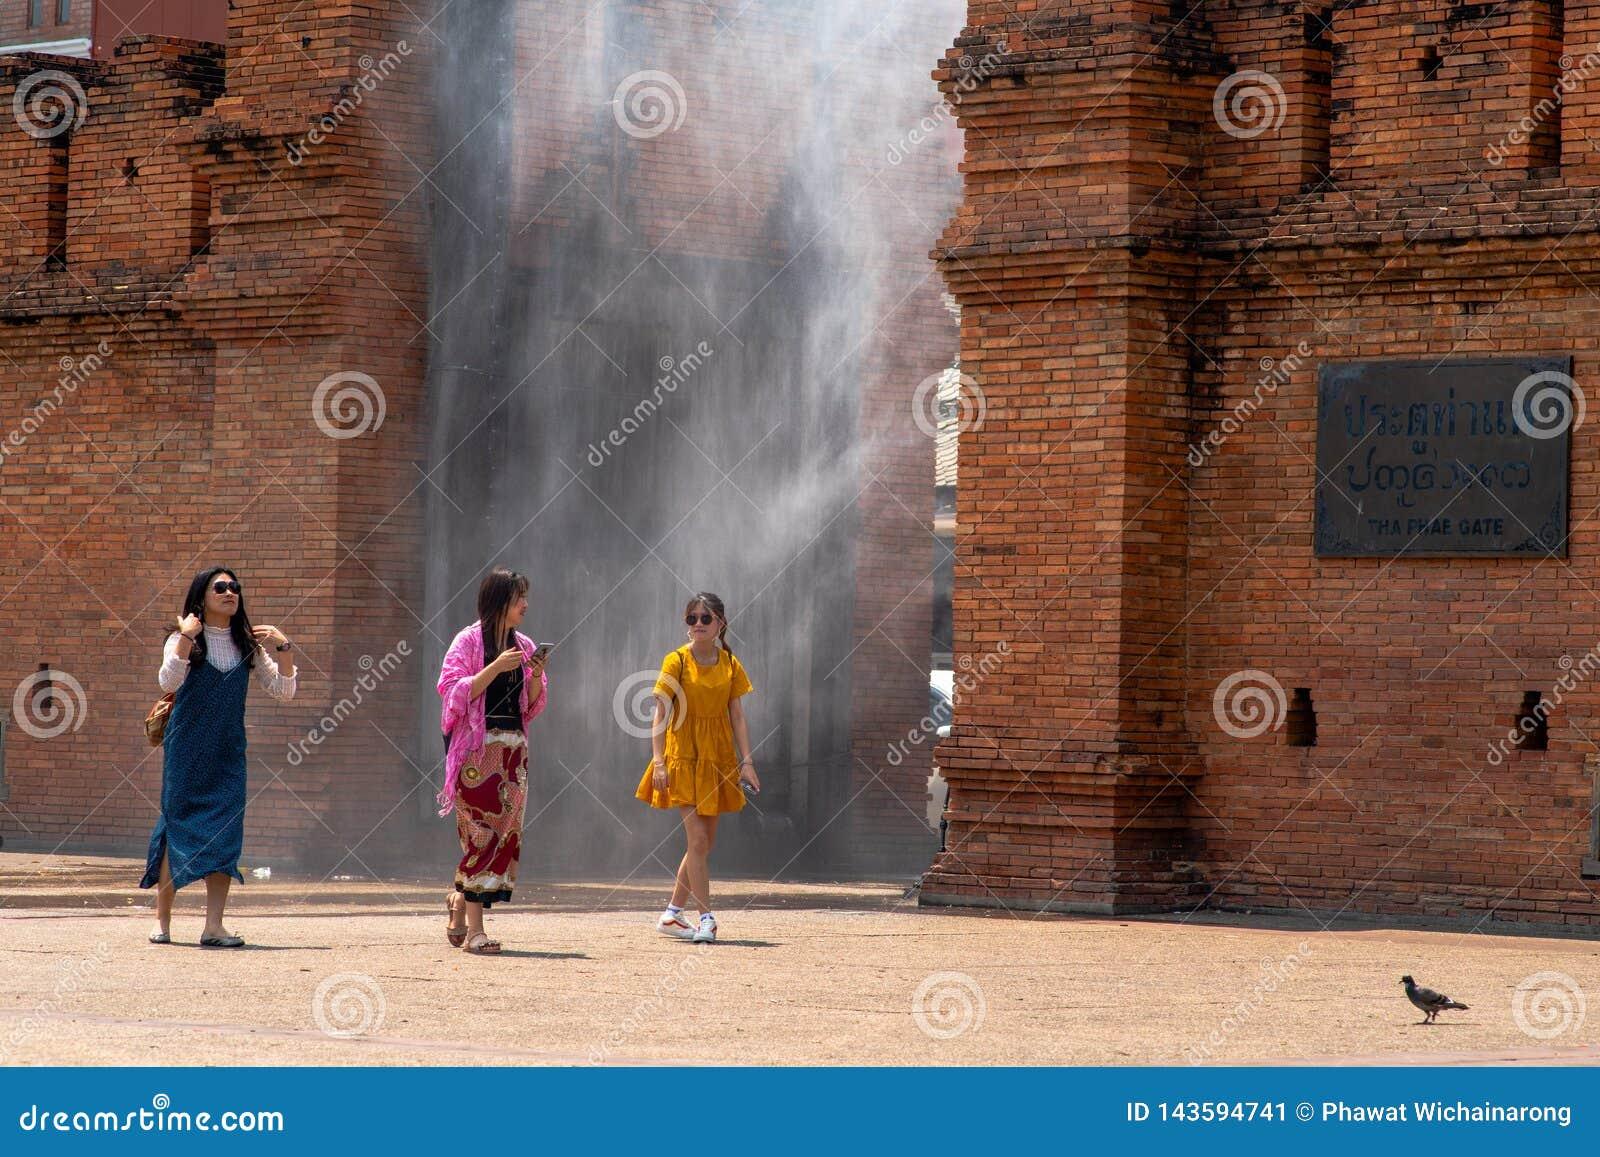 Drie jonge vrouwen met kleurrijke kleren lopen door de waternevel die bij Thapae-Poort wordt geïnstalleerd